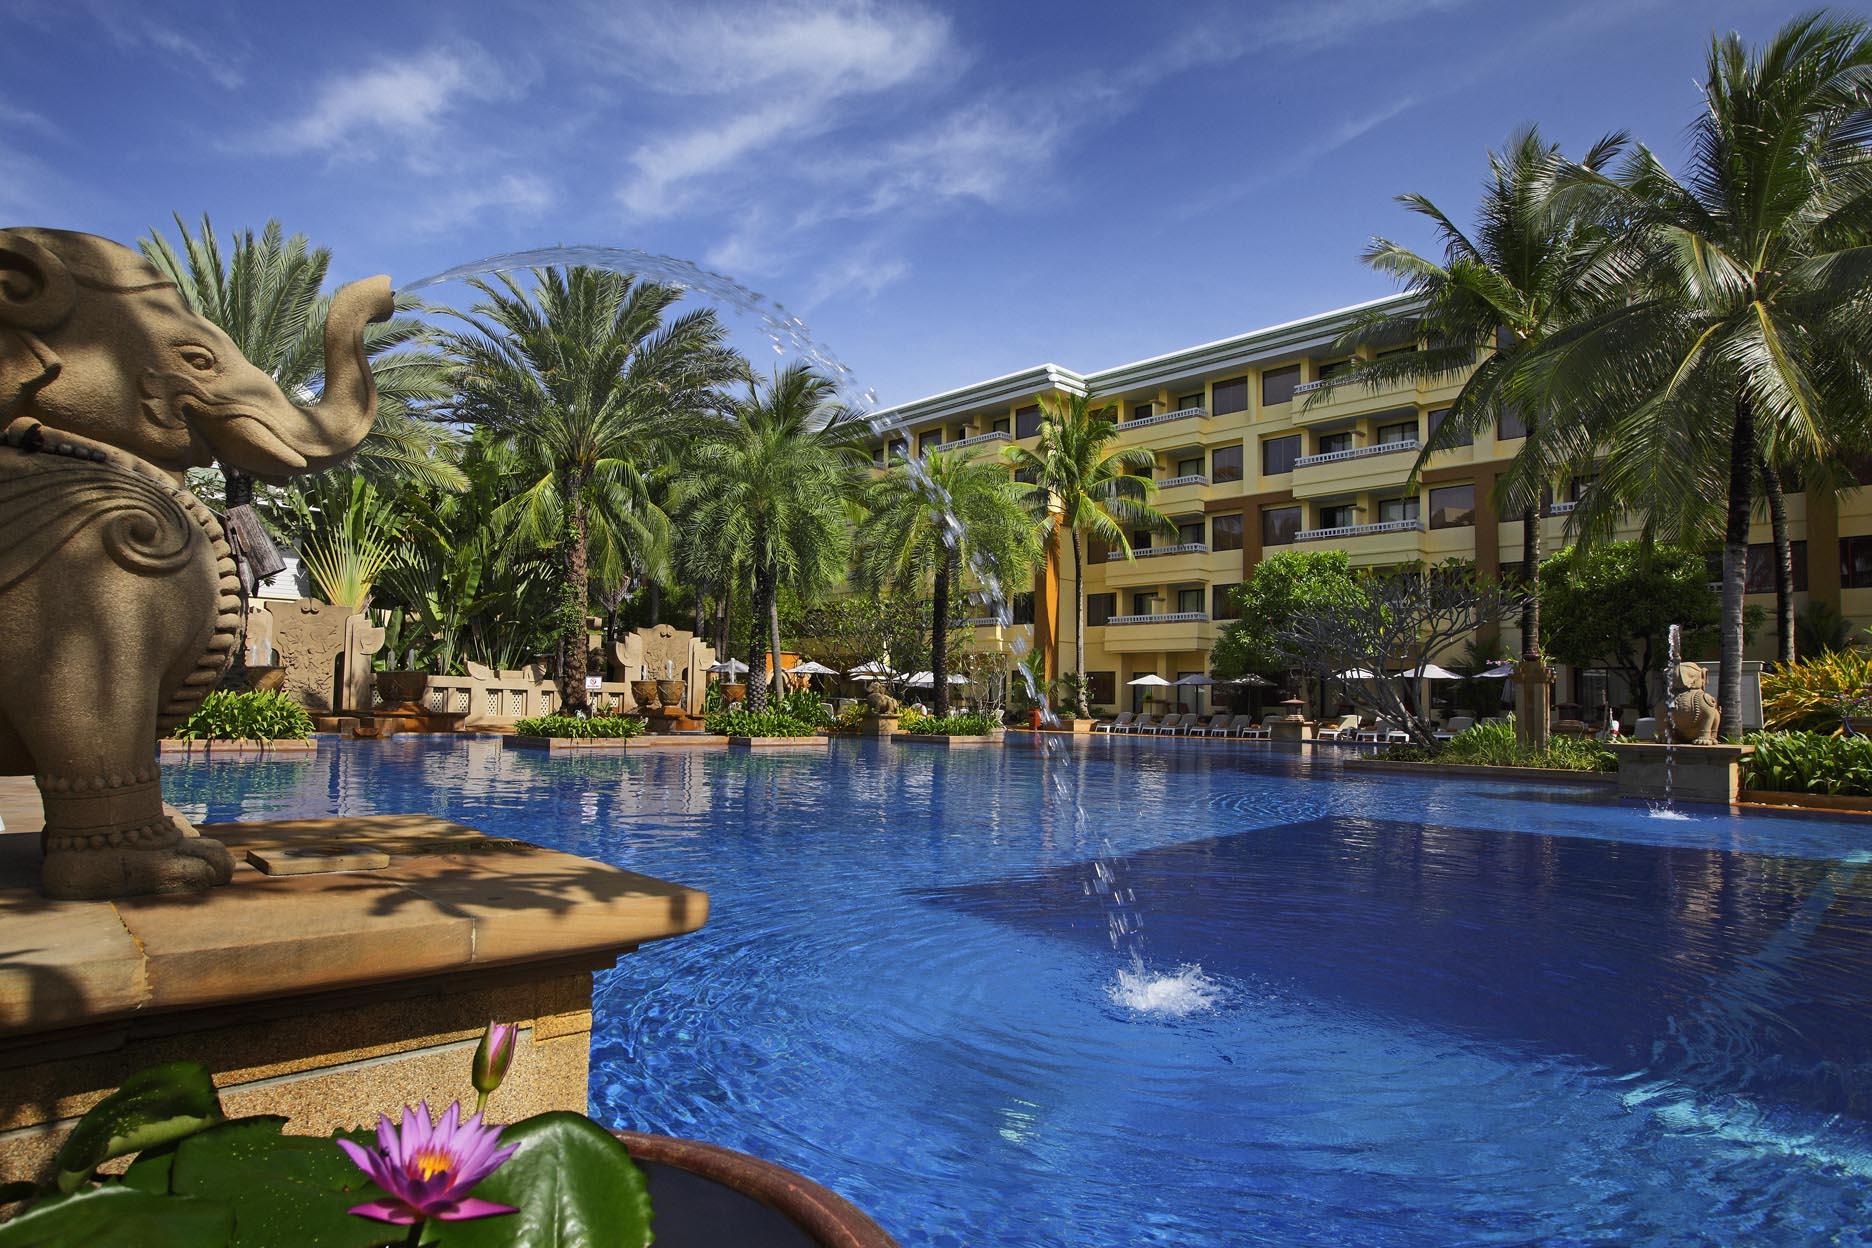 Holiday Inn Resort Phuket | Photo Credit: InterContinental Hotels Group